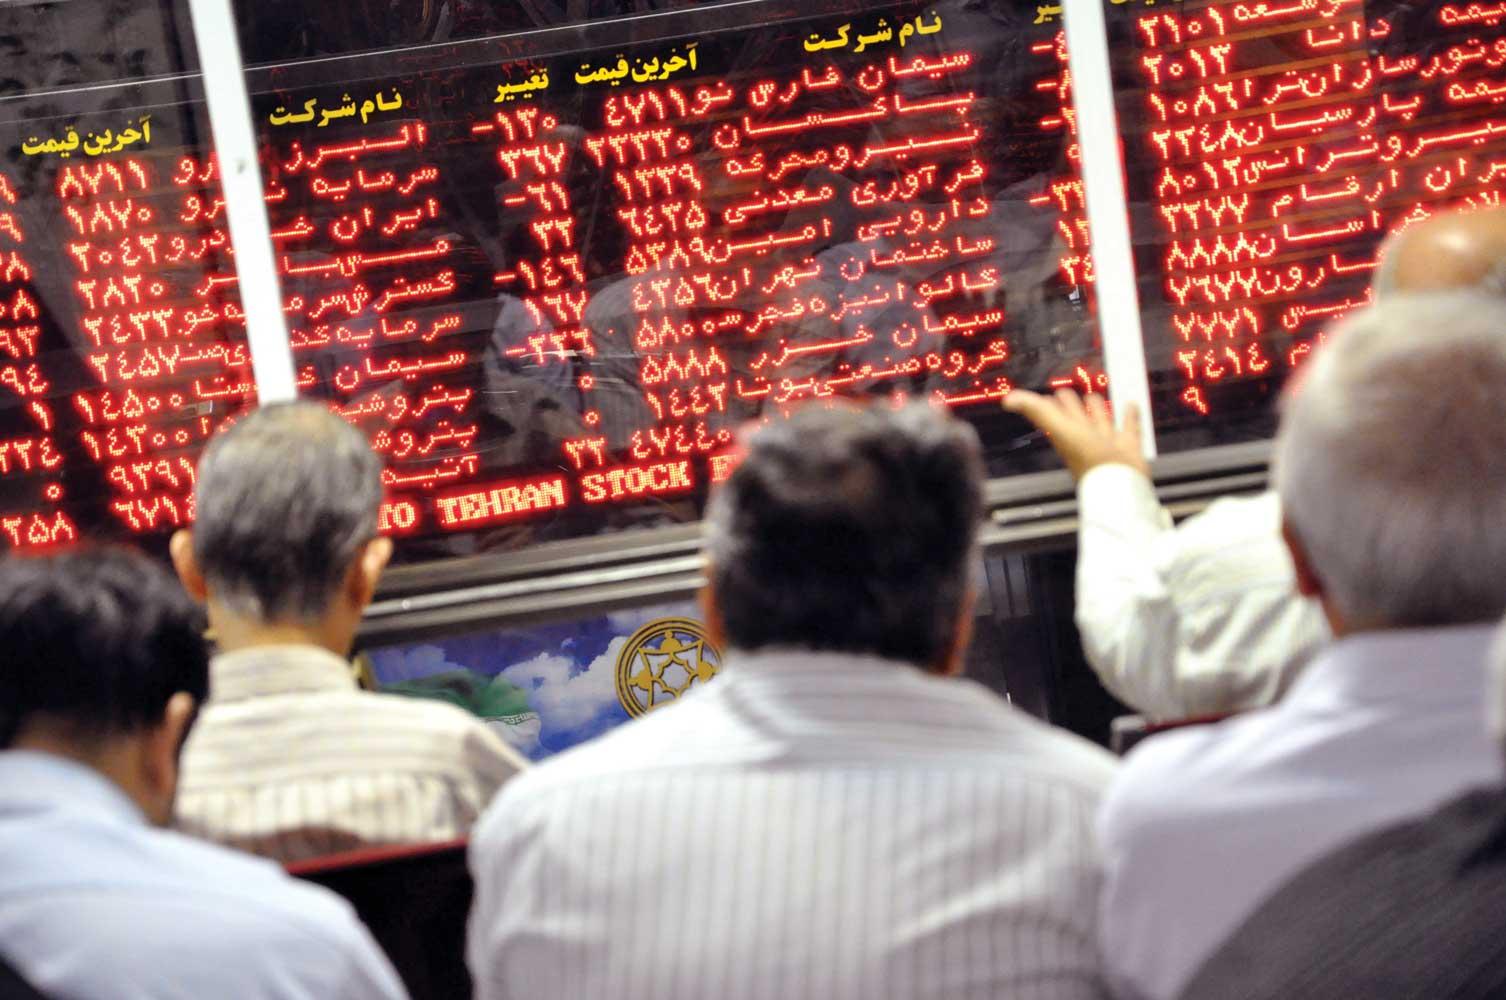 بازار دوم فرابورس ایران کجاست و چه معیارهایی دارد؟